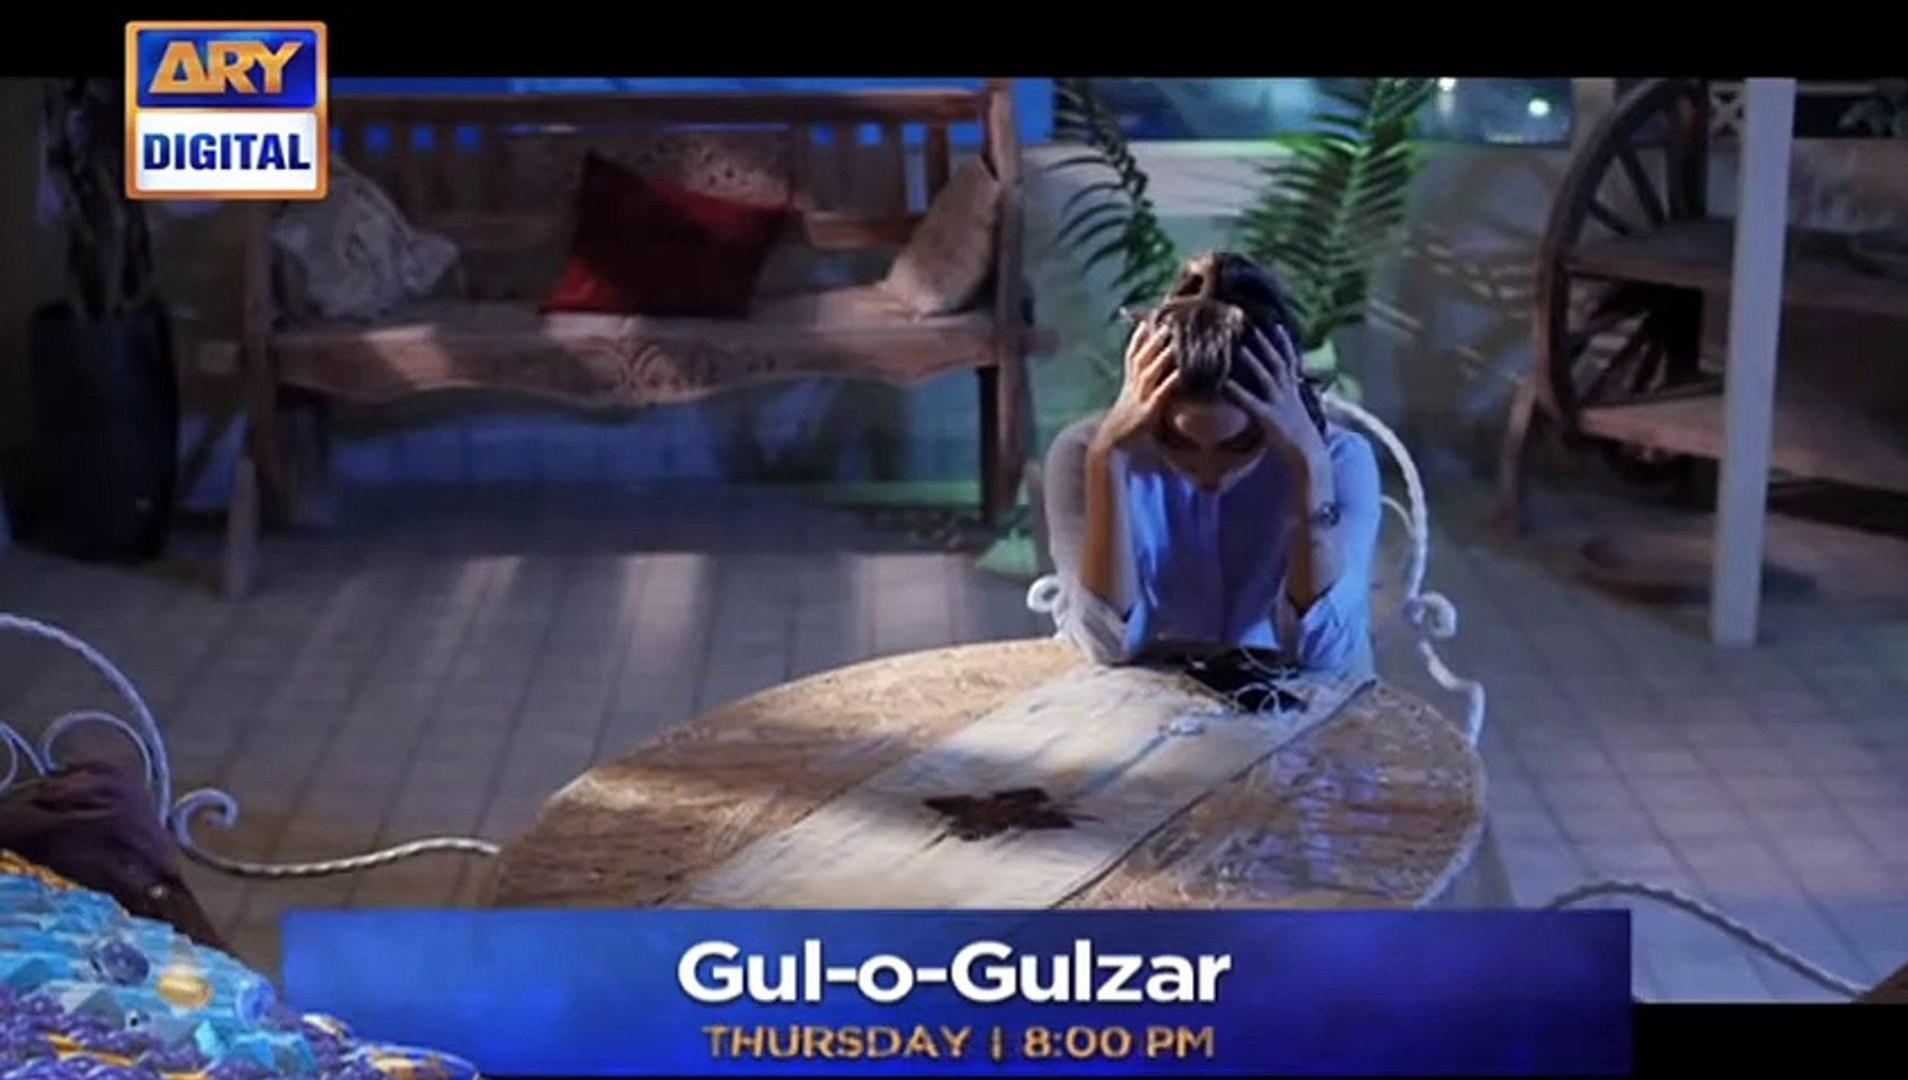 Gul o Gulzar Episode 24 ARY Digital Gul o Gulzar Episode 25 Promo